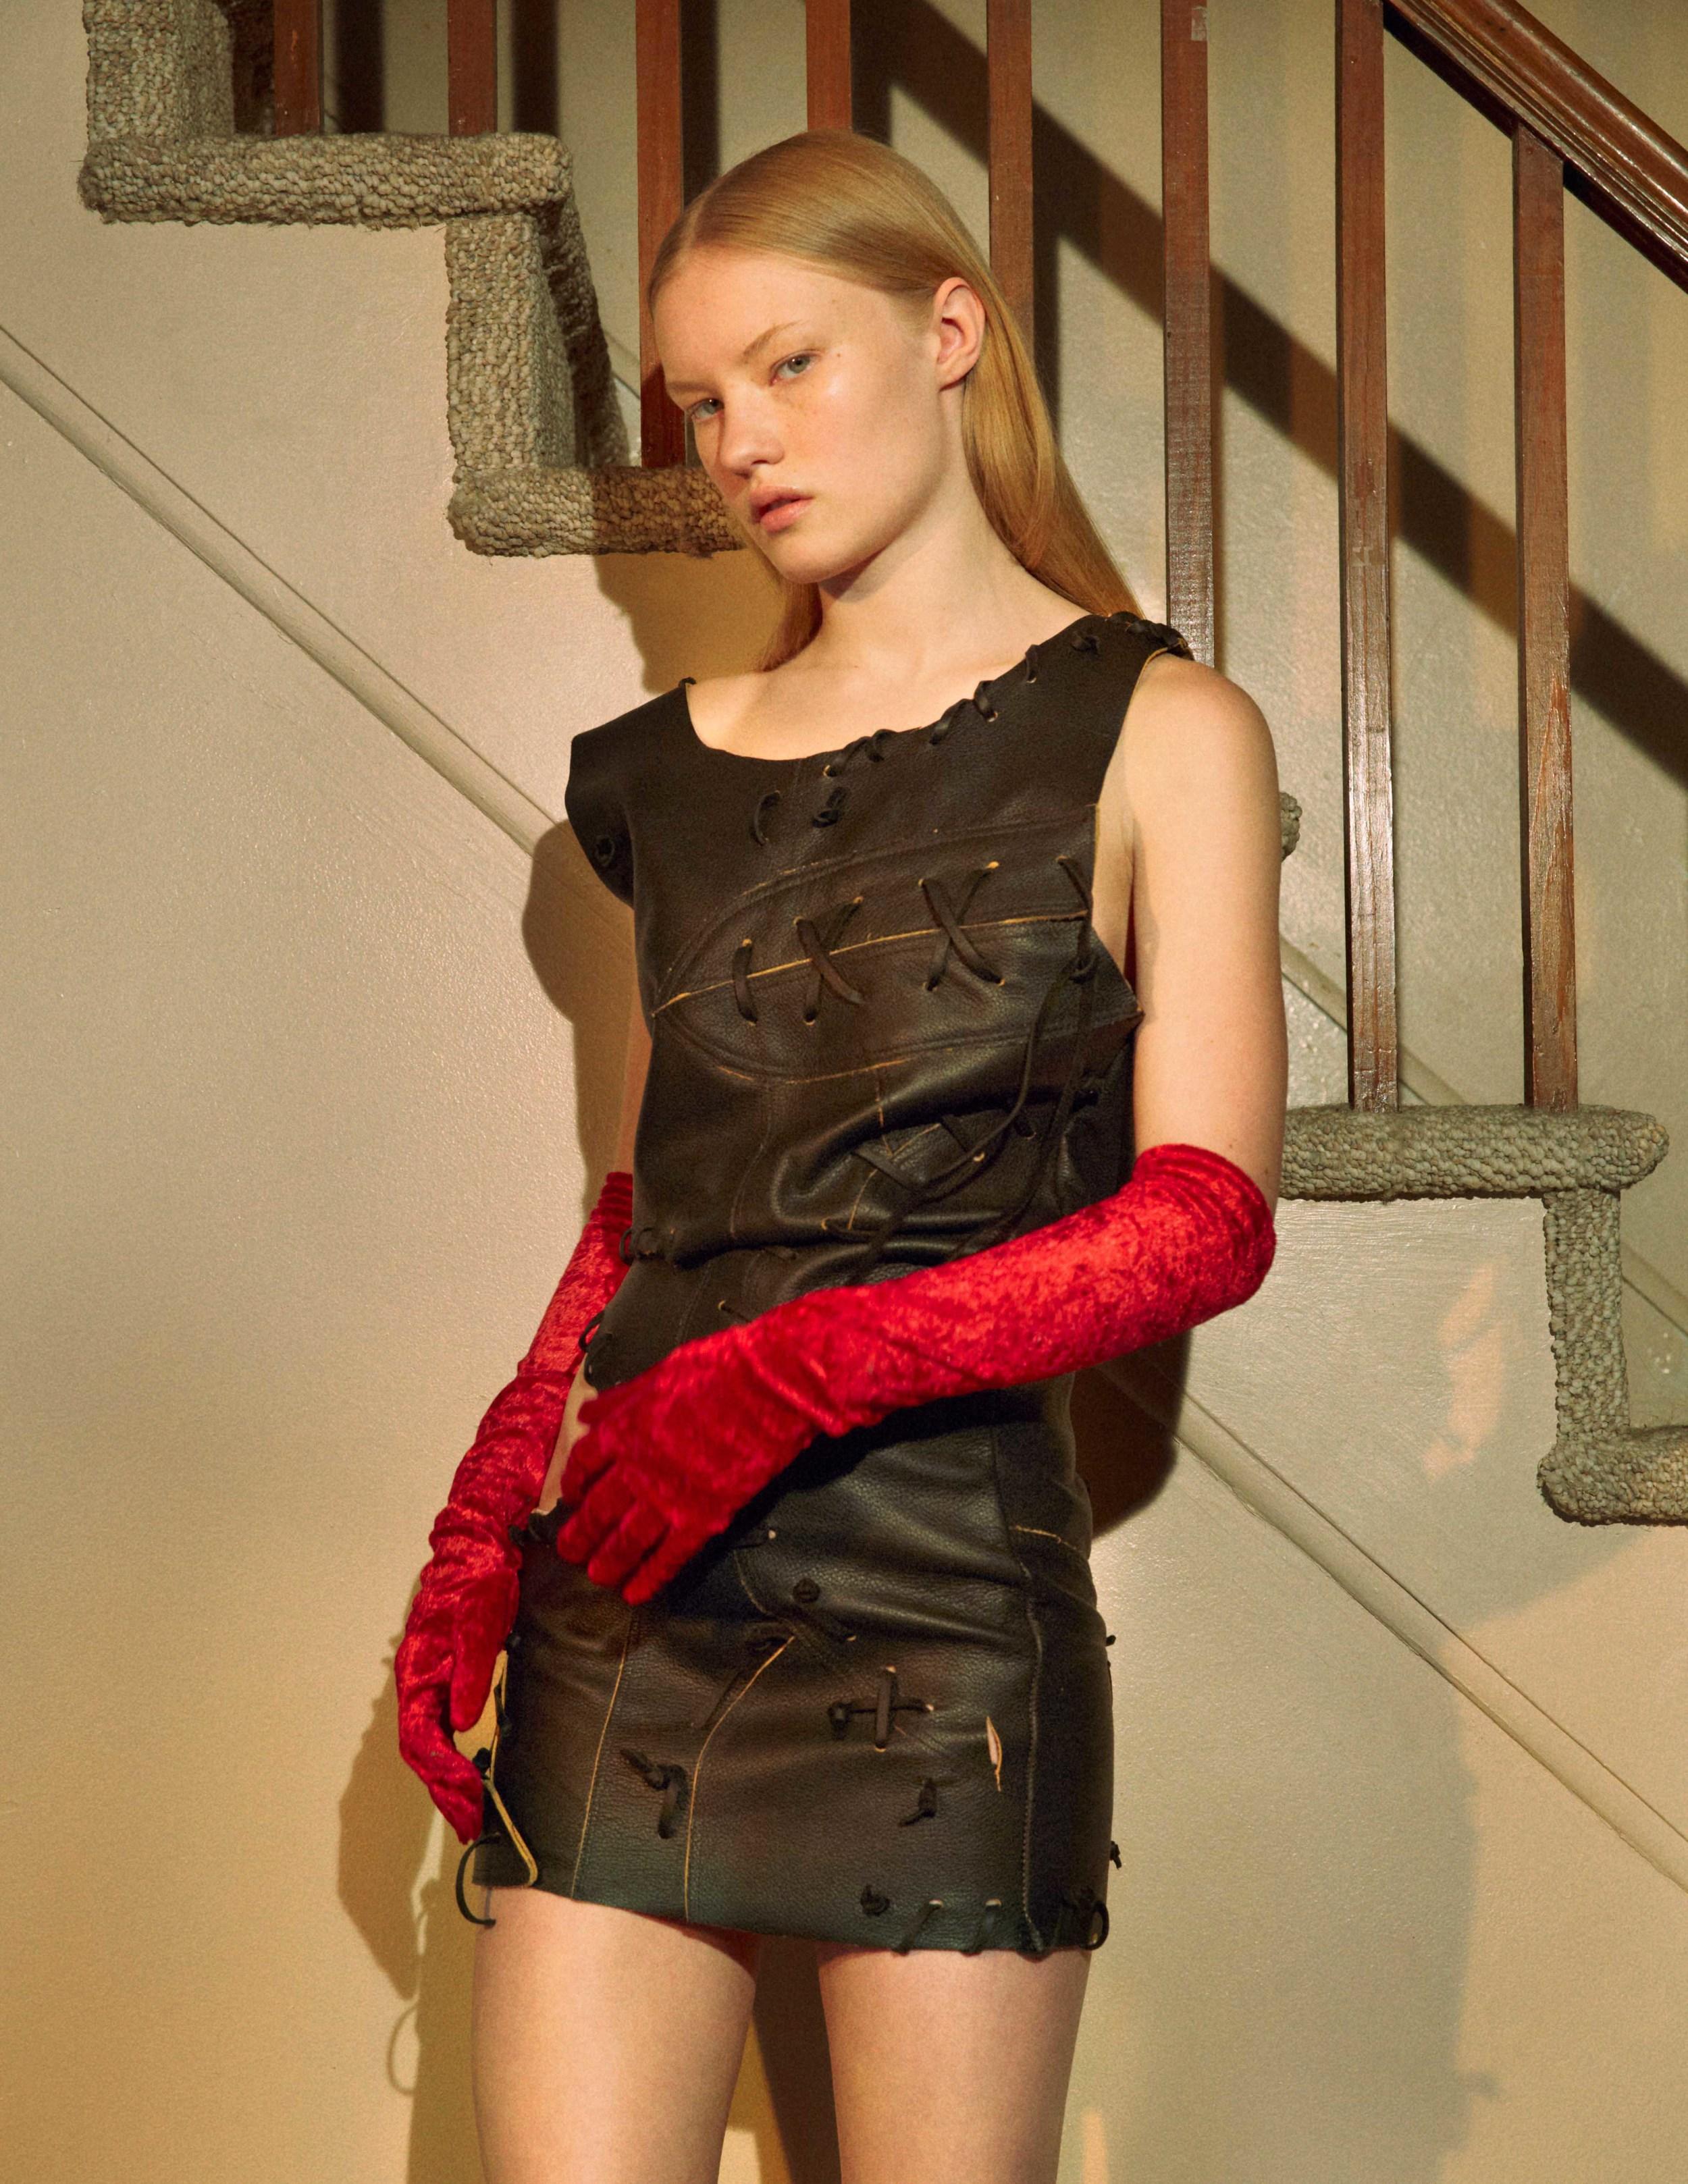 Dress by VEJAS  Gloves by La Crasia